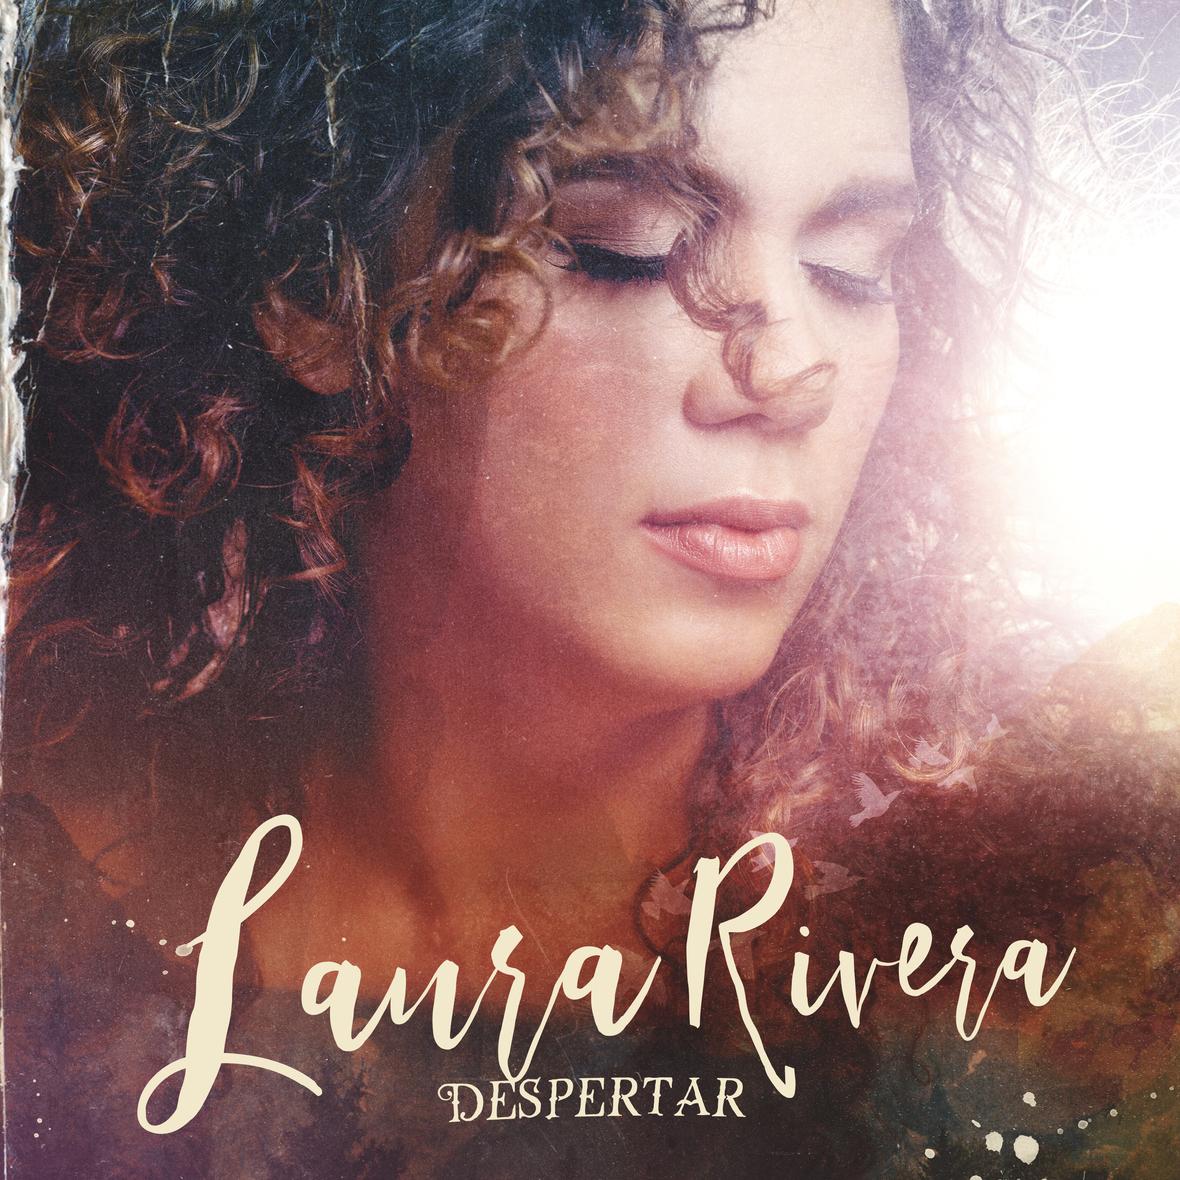 Laura Rivera - Despertar